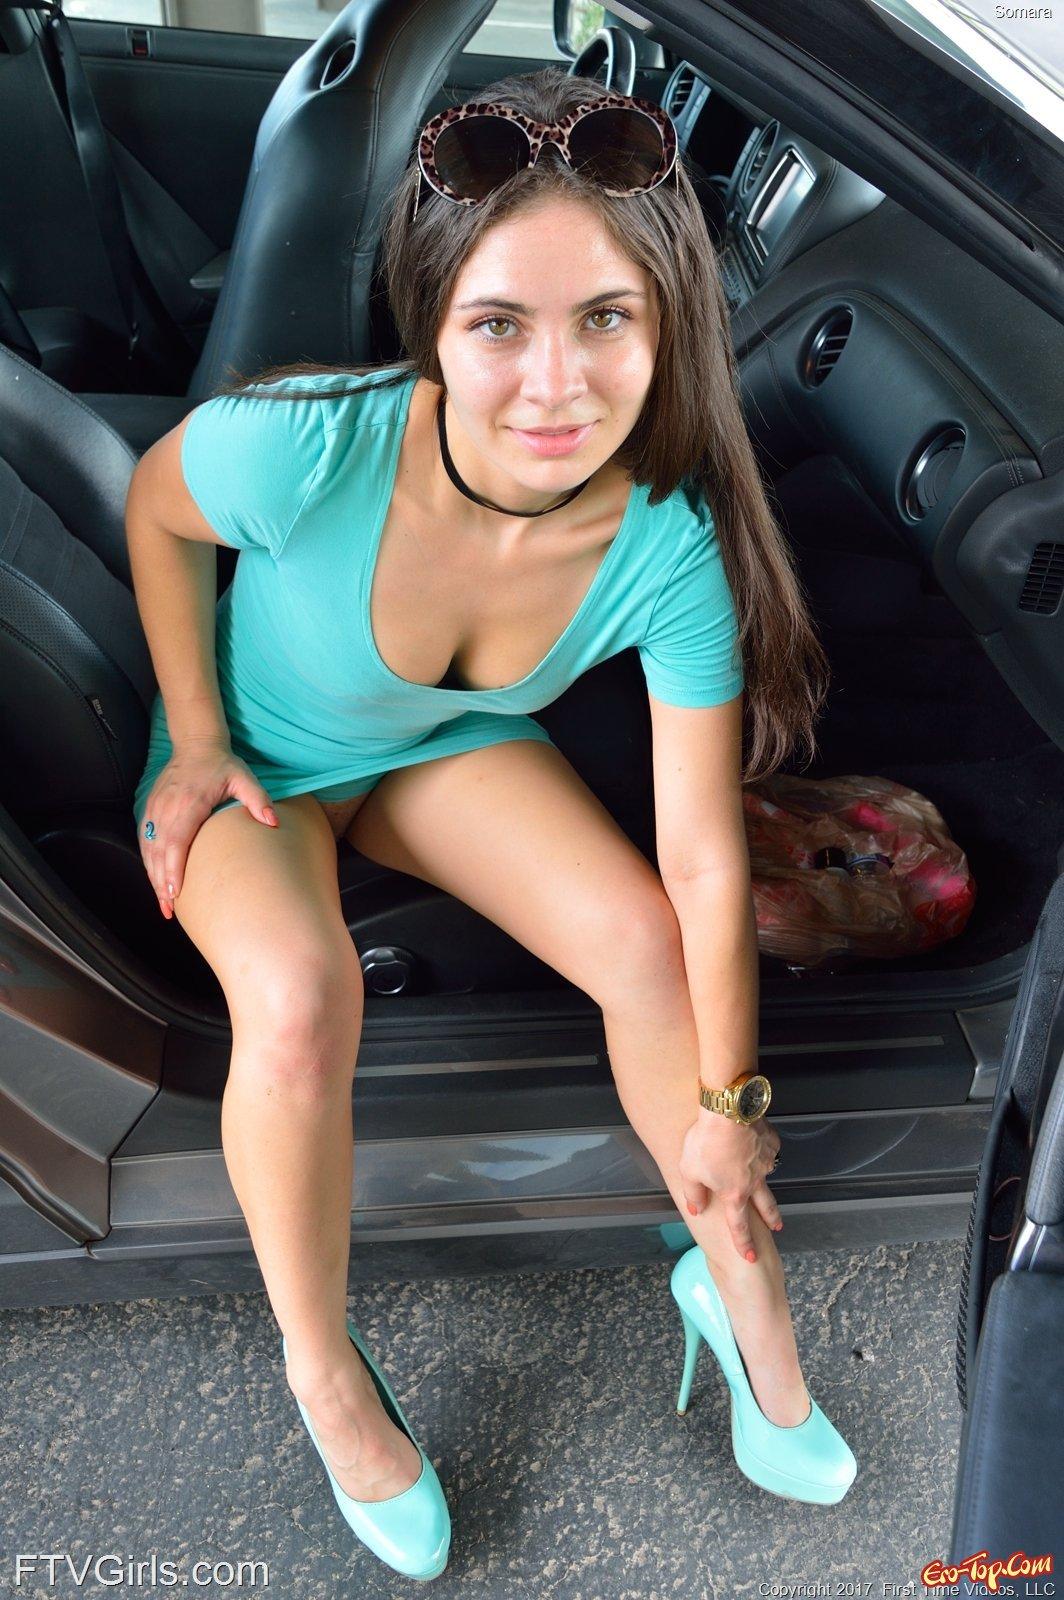 Красотка приподняв платье засвечивает ухоженную пилотку смотреть эротику